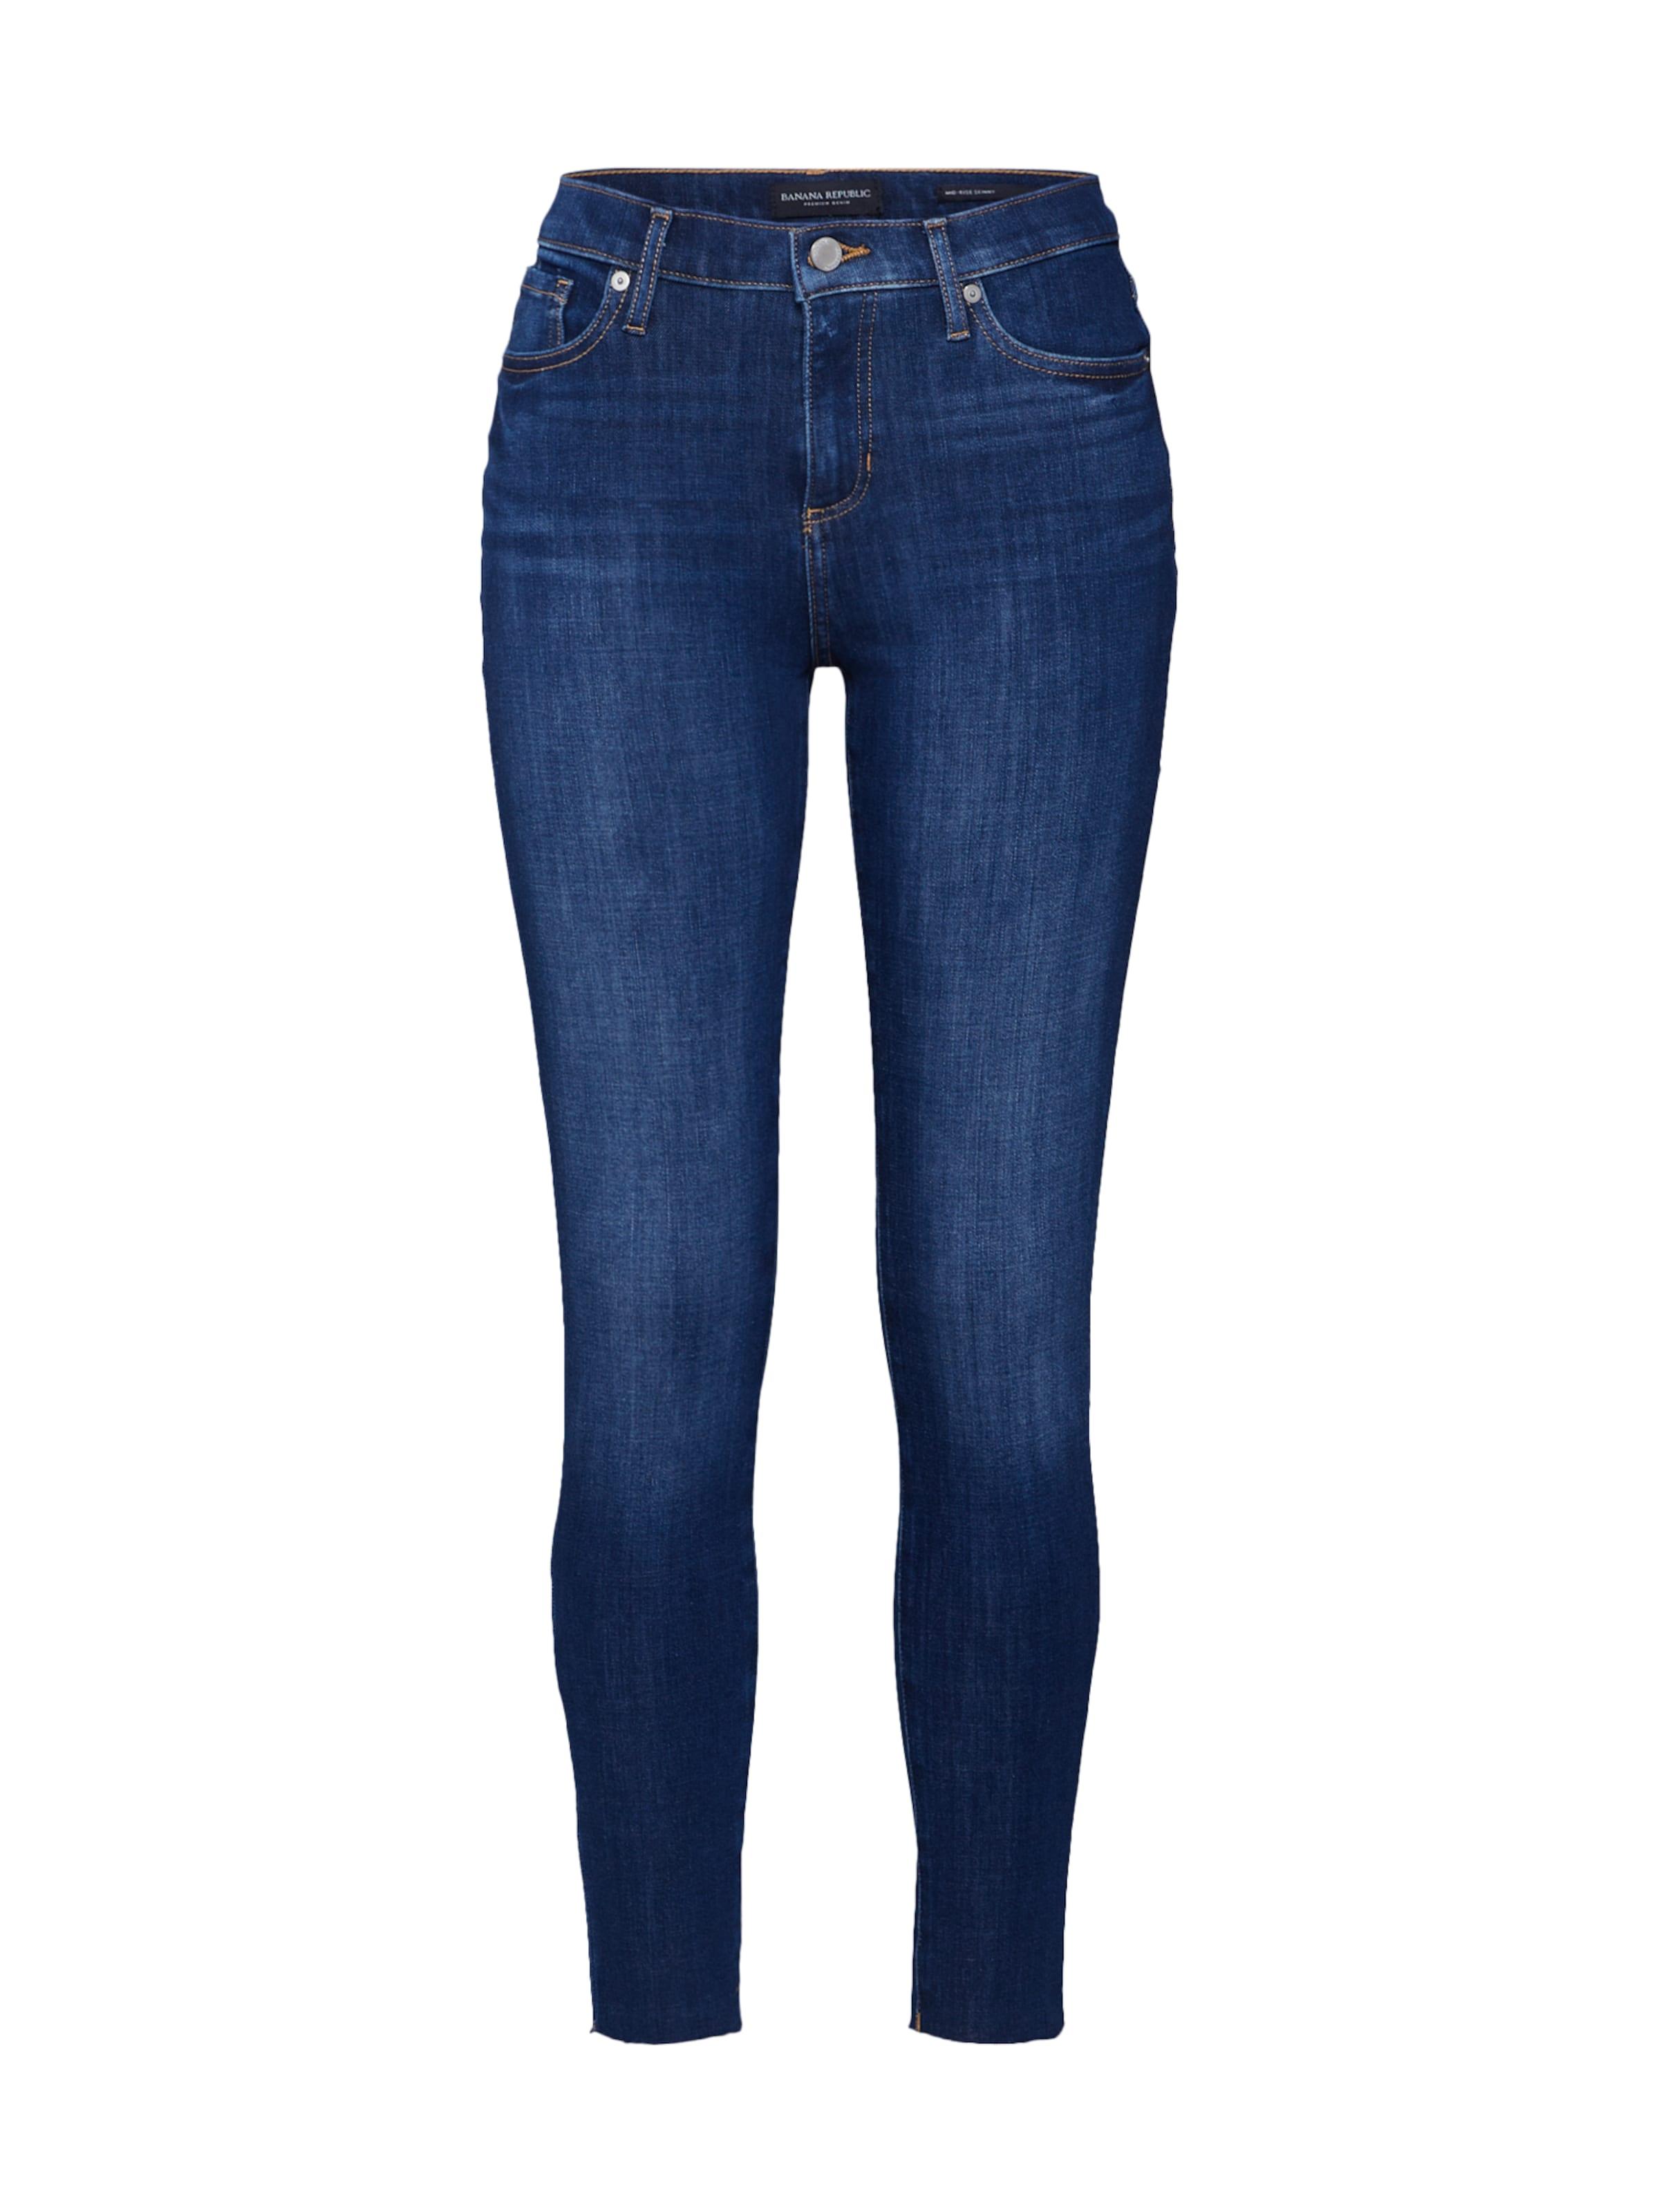 'mr Raw Banana Republic Blau Haight' Hem Medium In Skinny Jeans W9Y2eHIDE